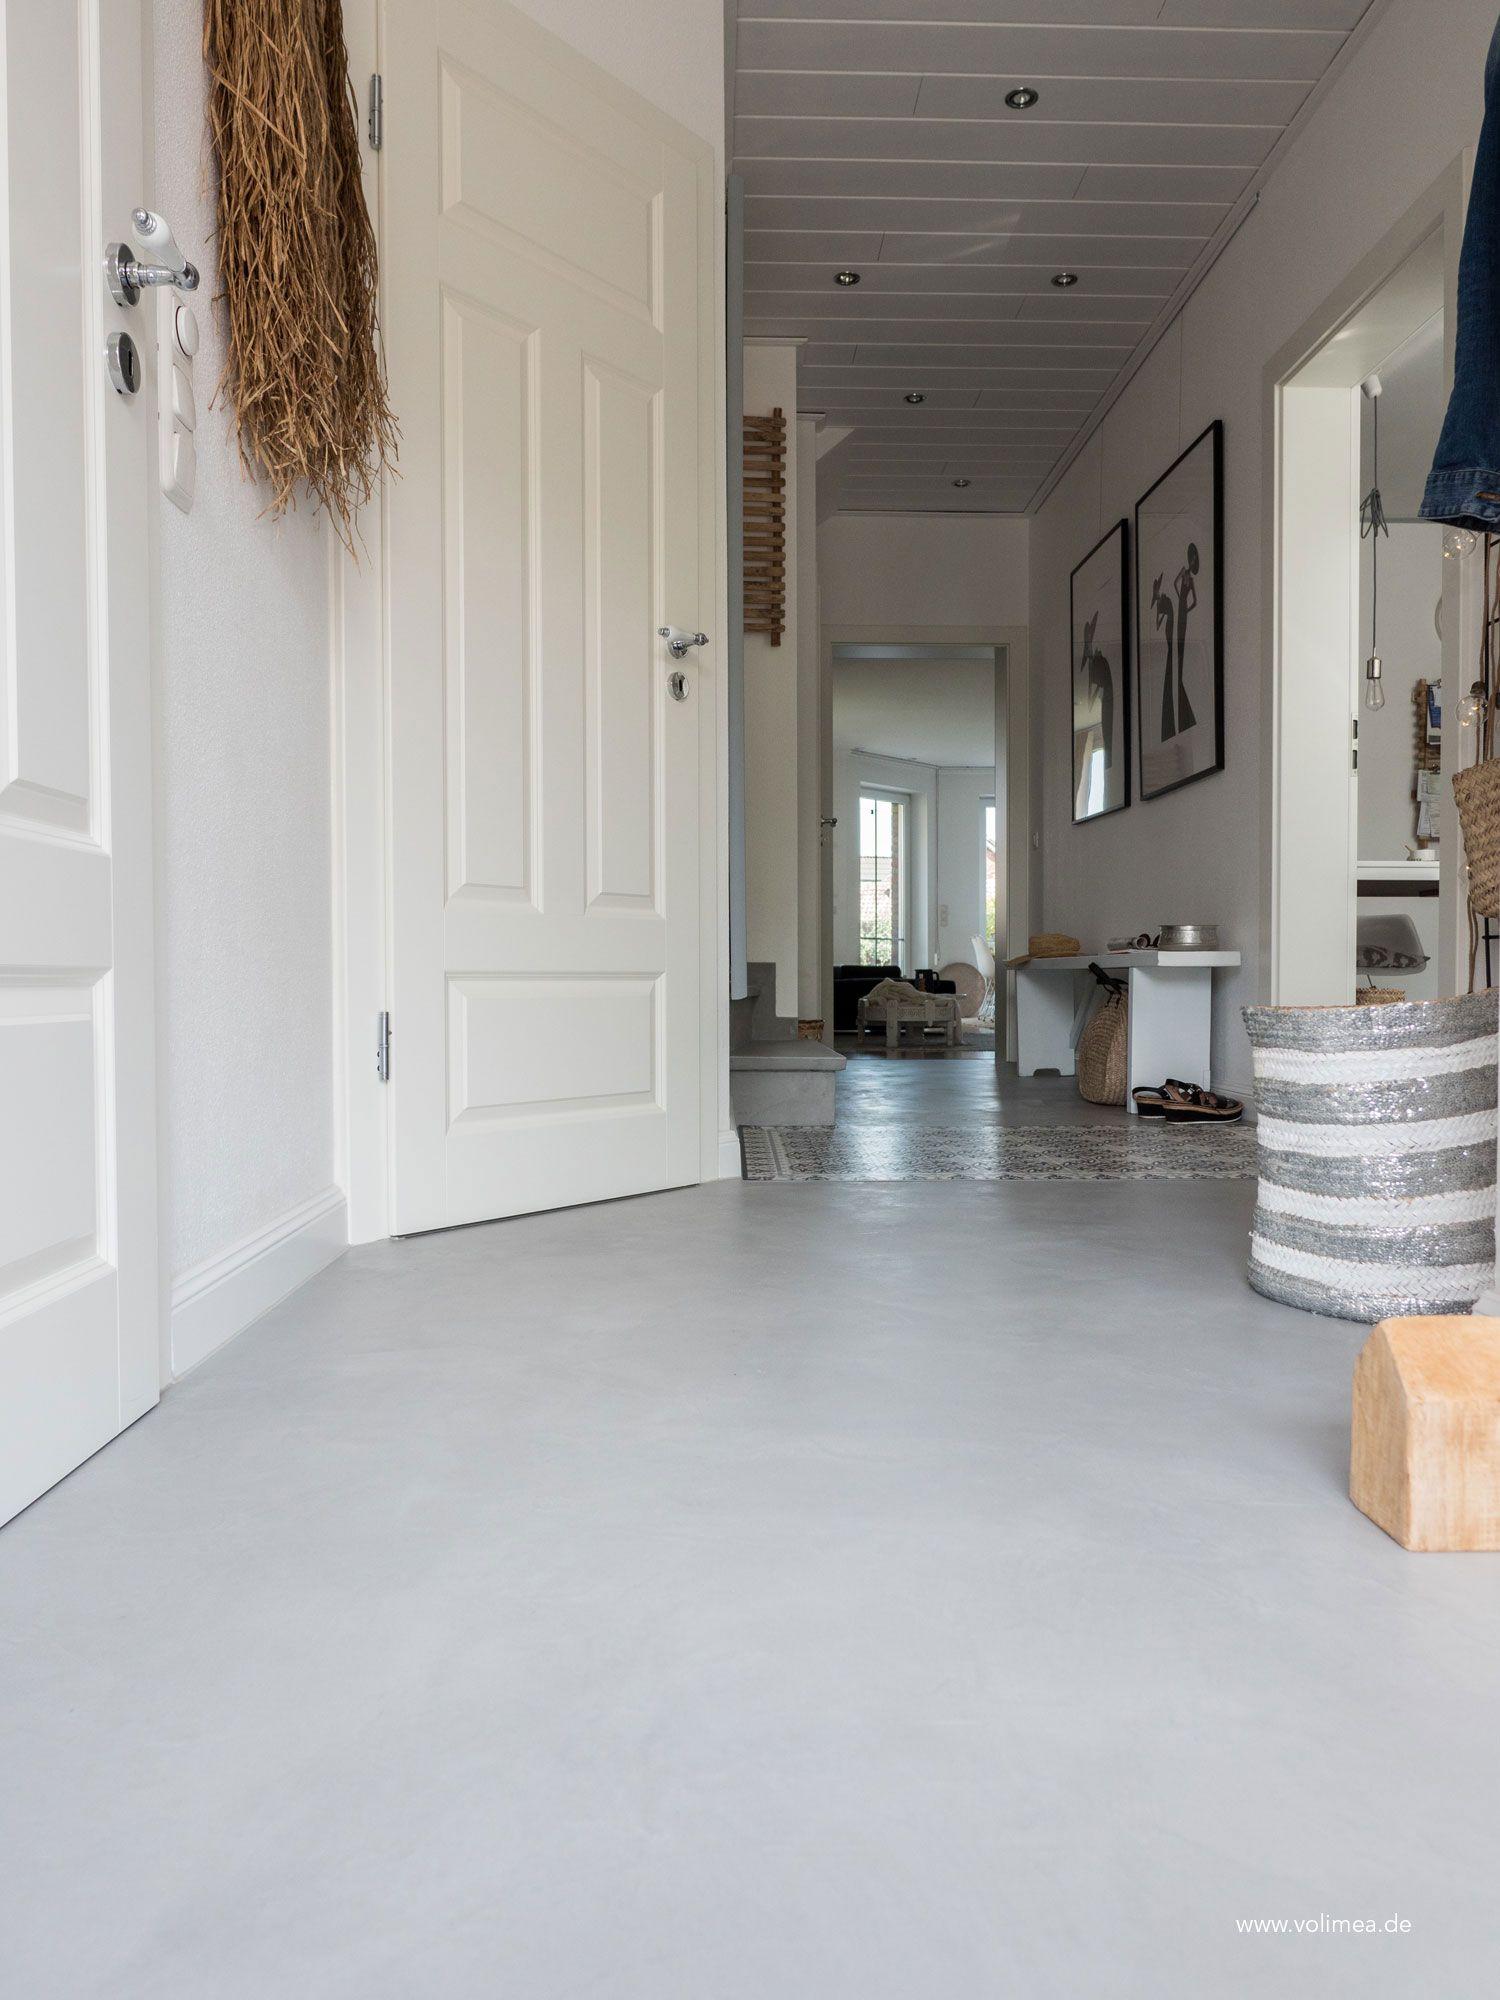 Boden Ohne Fliesen In Betonoptik In 2020 Wandbeschichtungen Bodenbeschichtung Fugenloser Boden